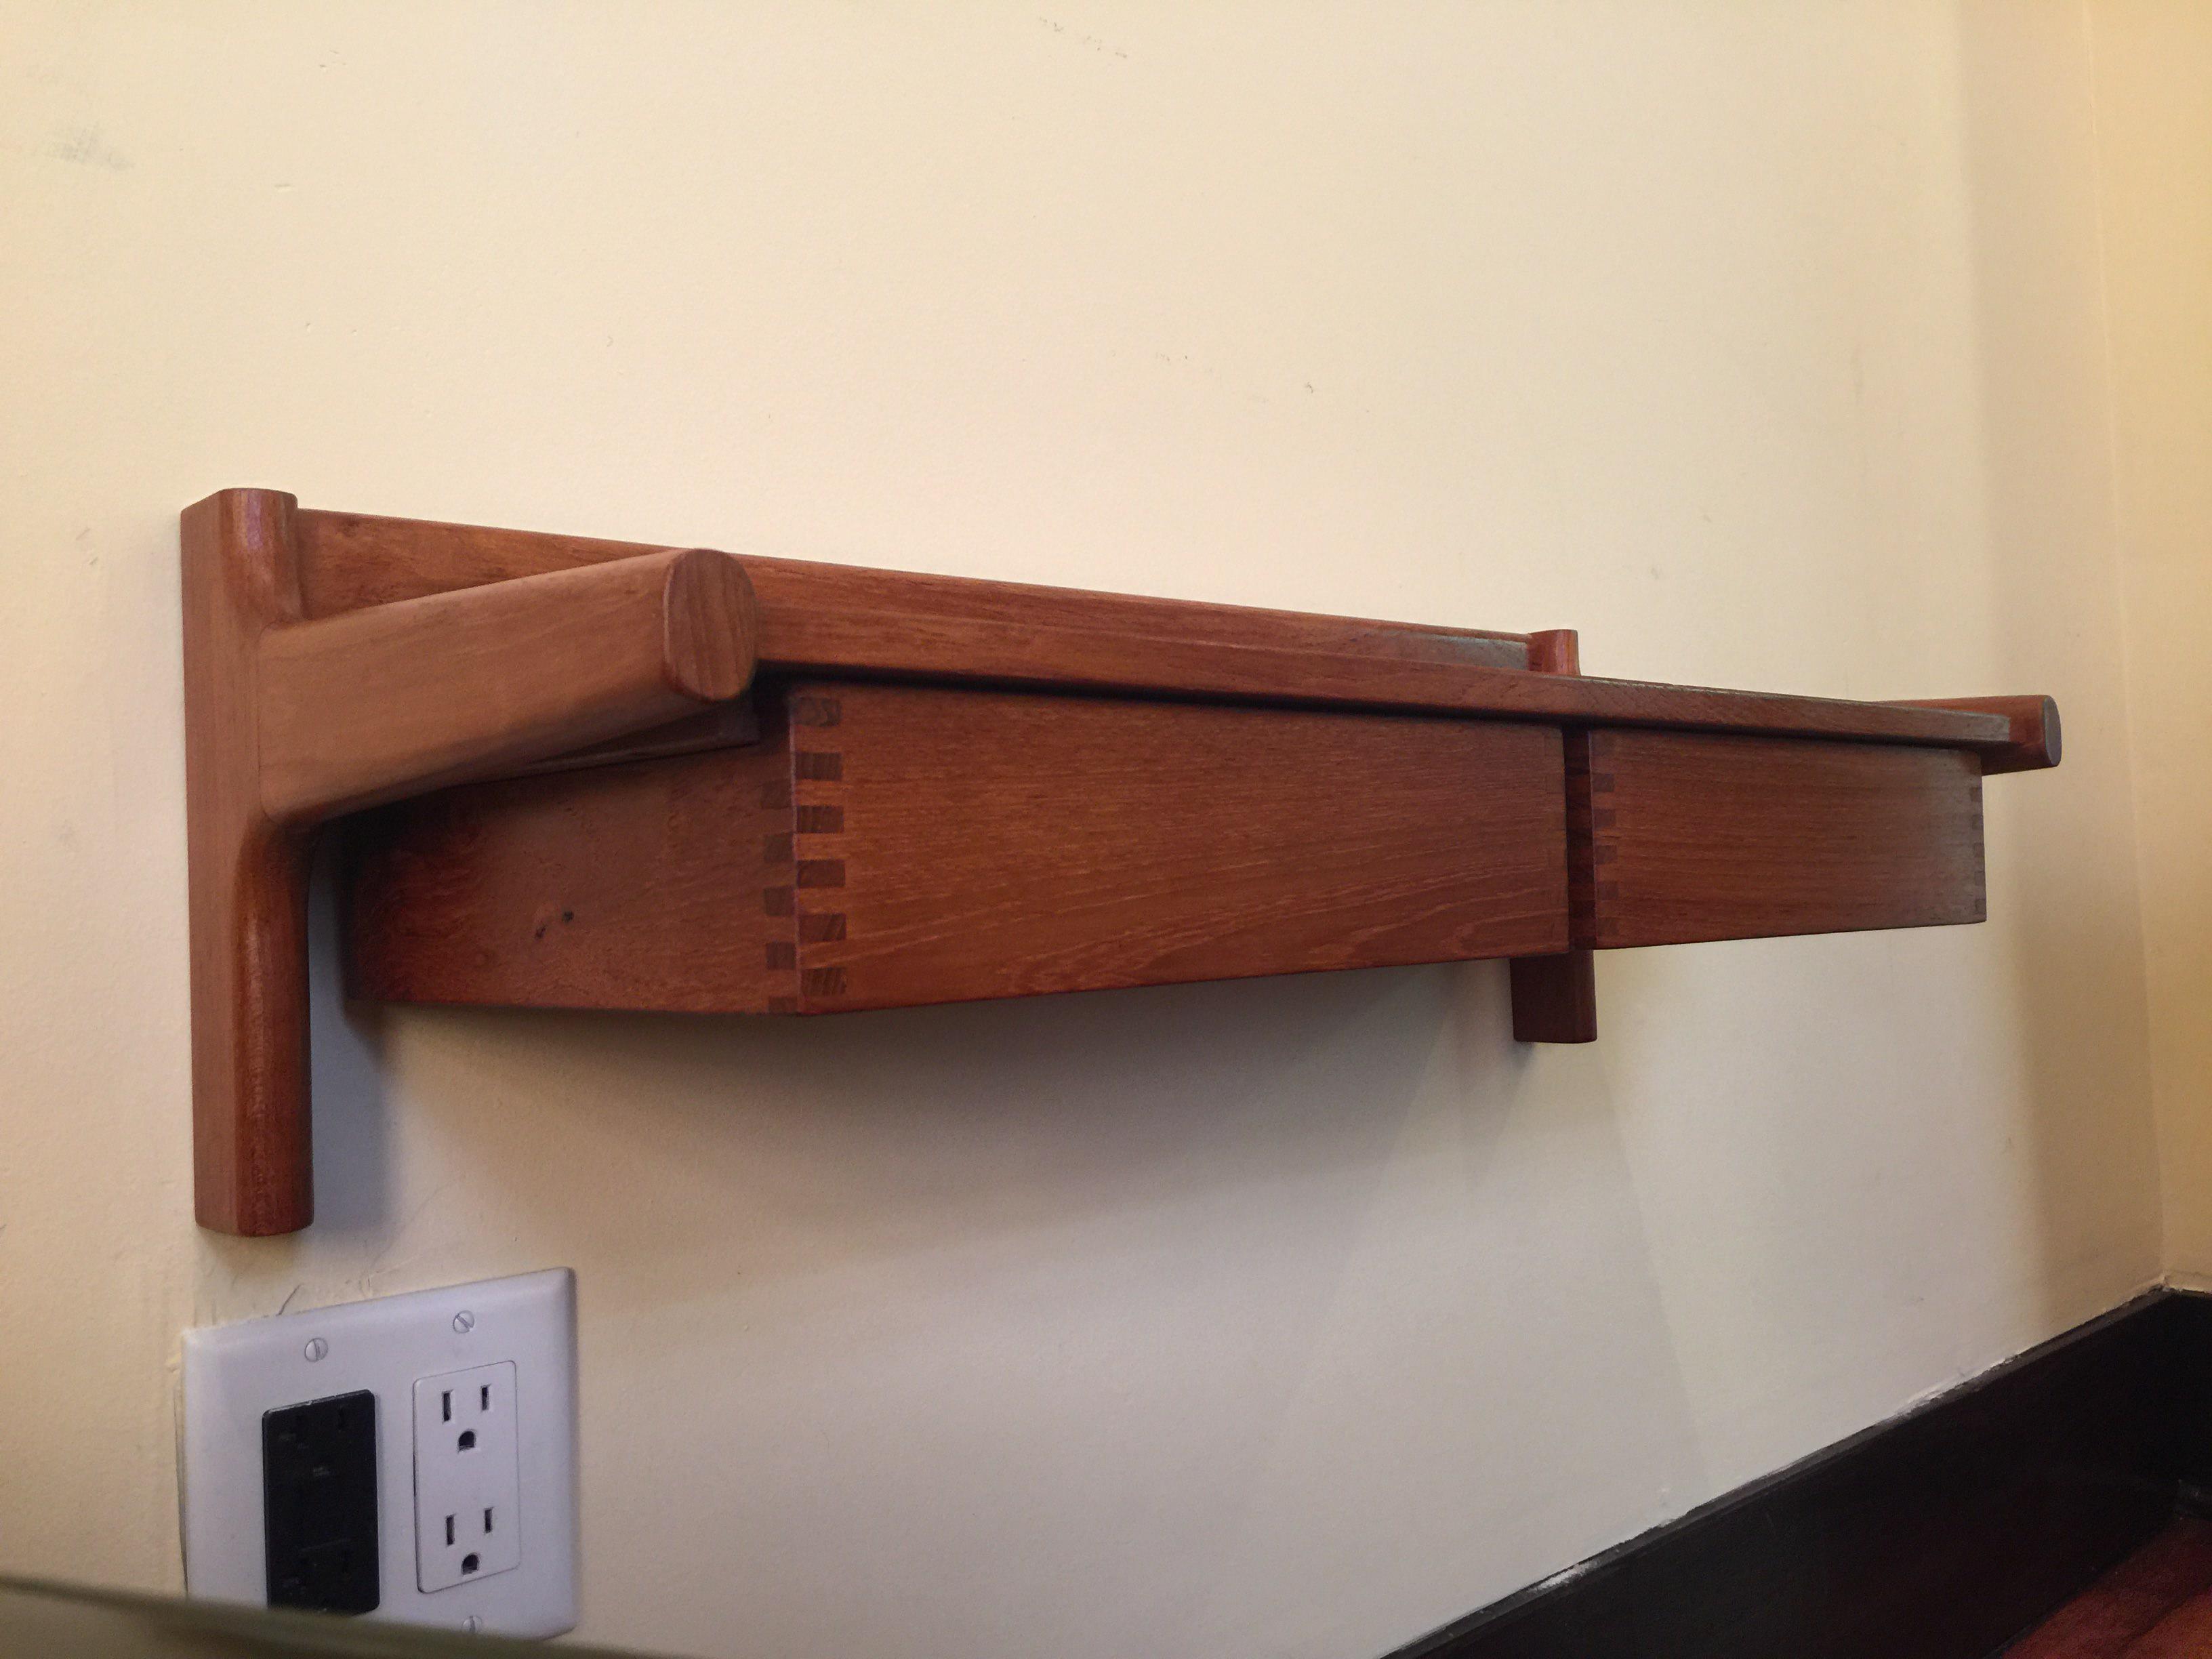 Borge Mogensen MidCentury Modern Danish Wall Mounted Shelf Chairish